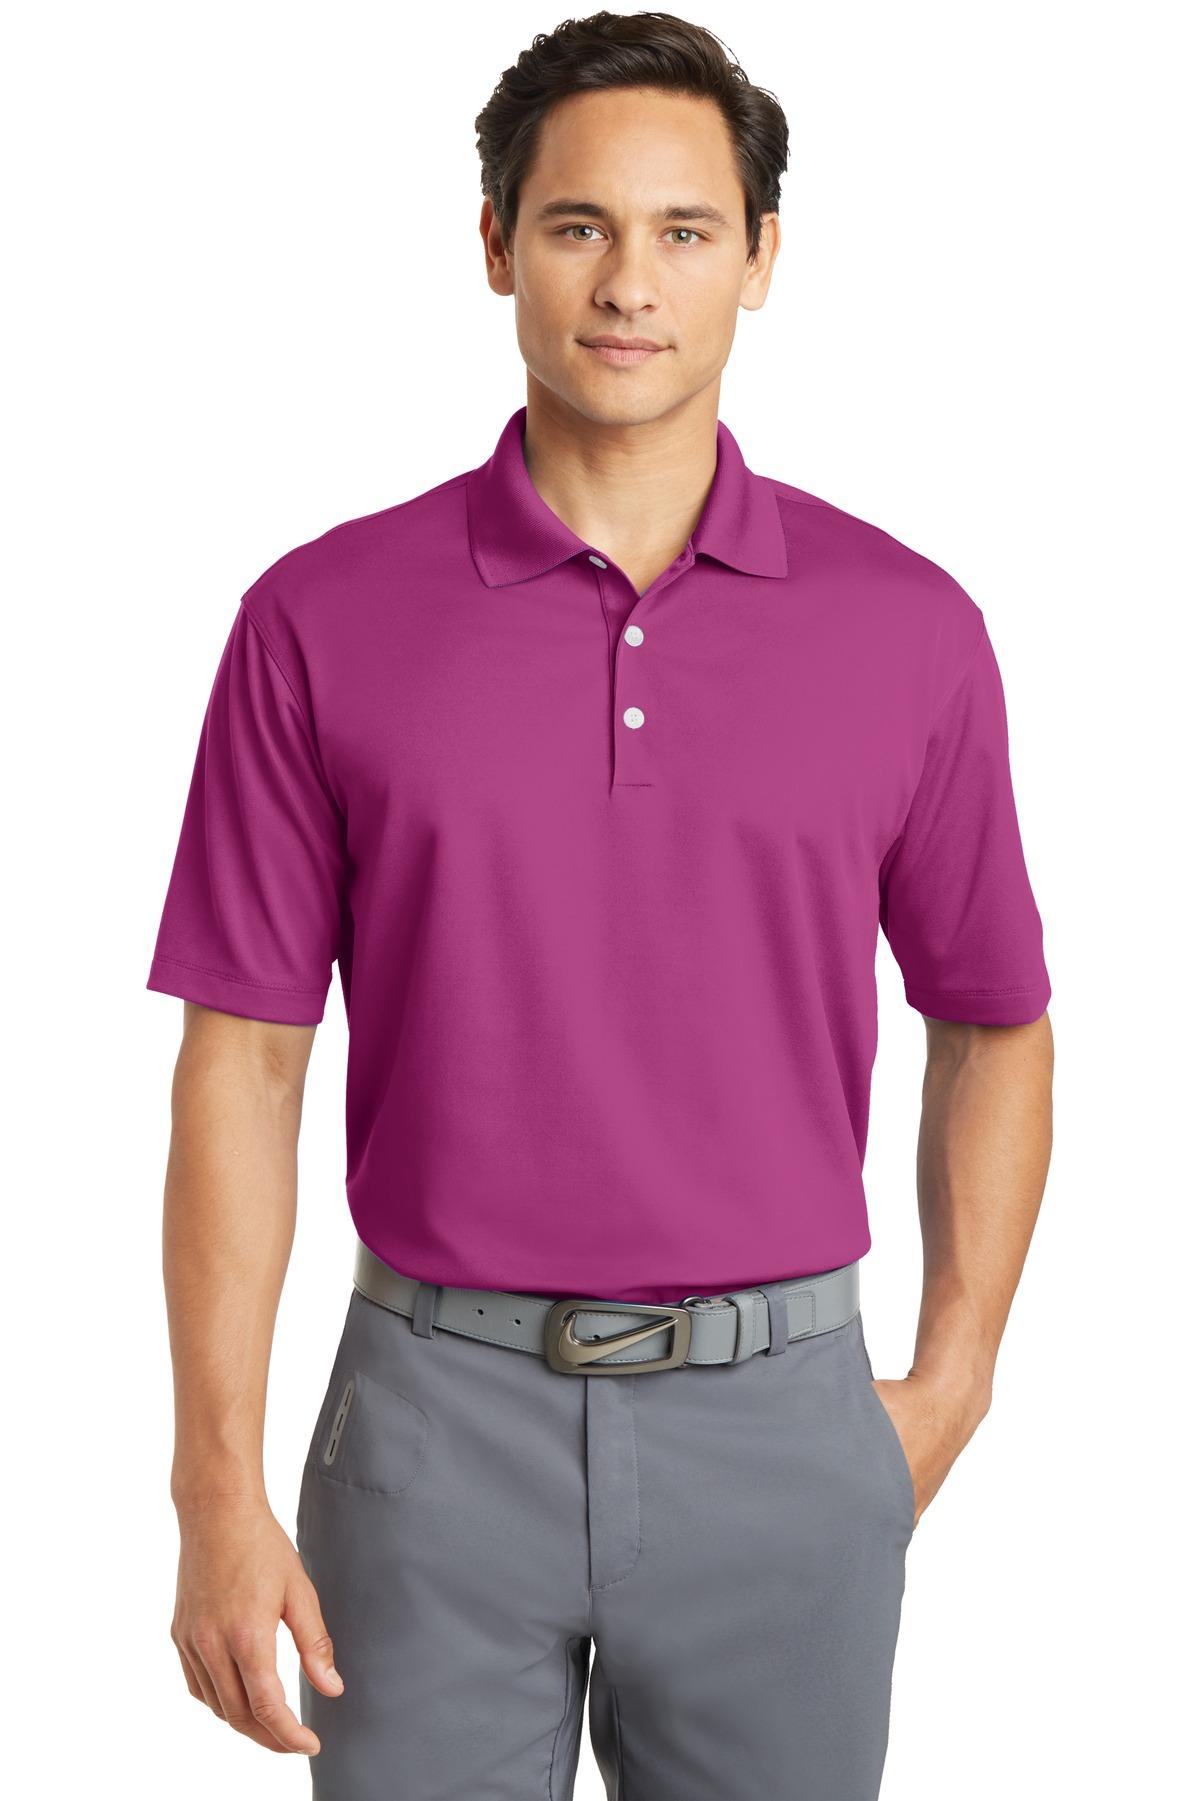 nike abbigliamento golf